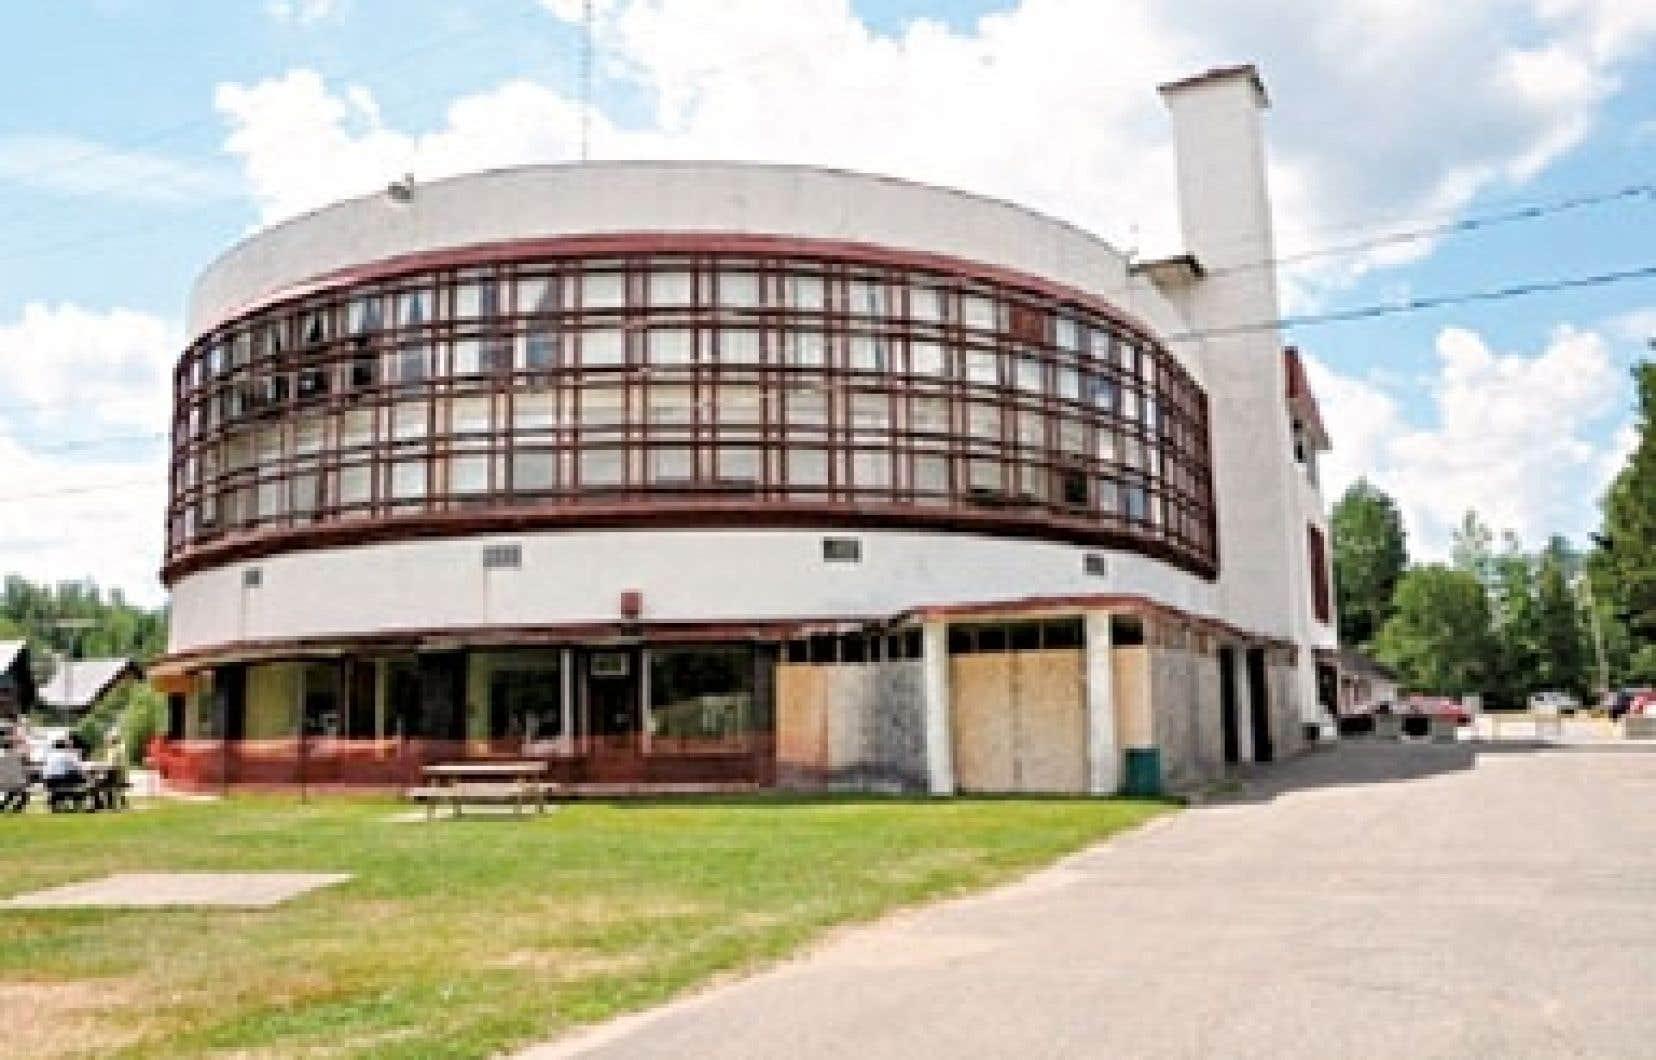 L'édifice Art déco du domaine de l'Esterel conçu dans les années 1930 par le Belge Antoine Courtens est l'un des rares vestiges de l'architecture québécoise moderne.